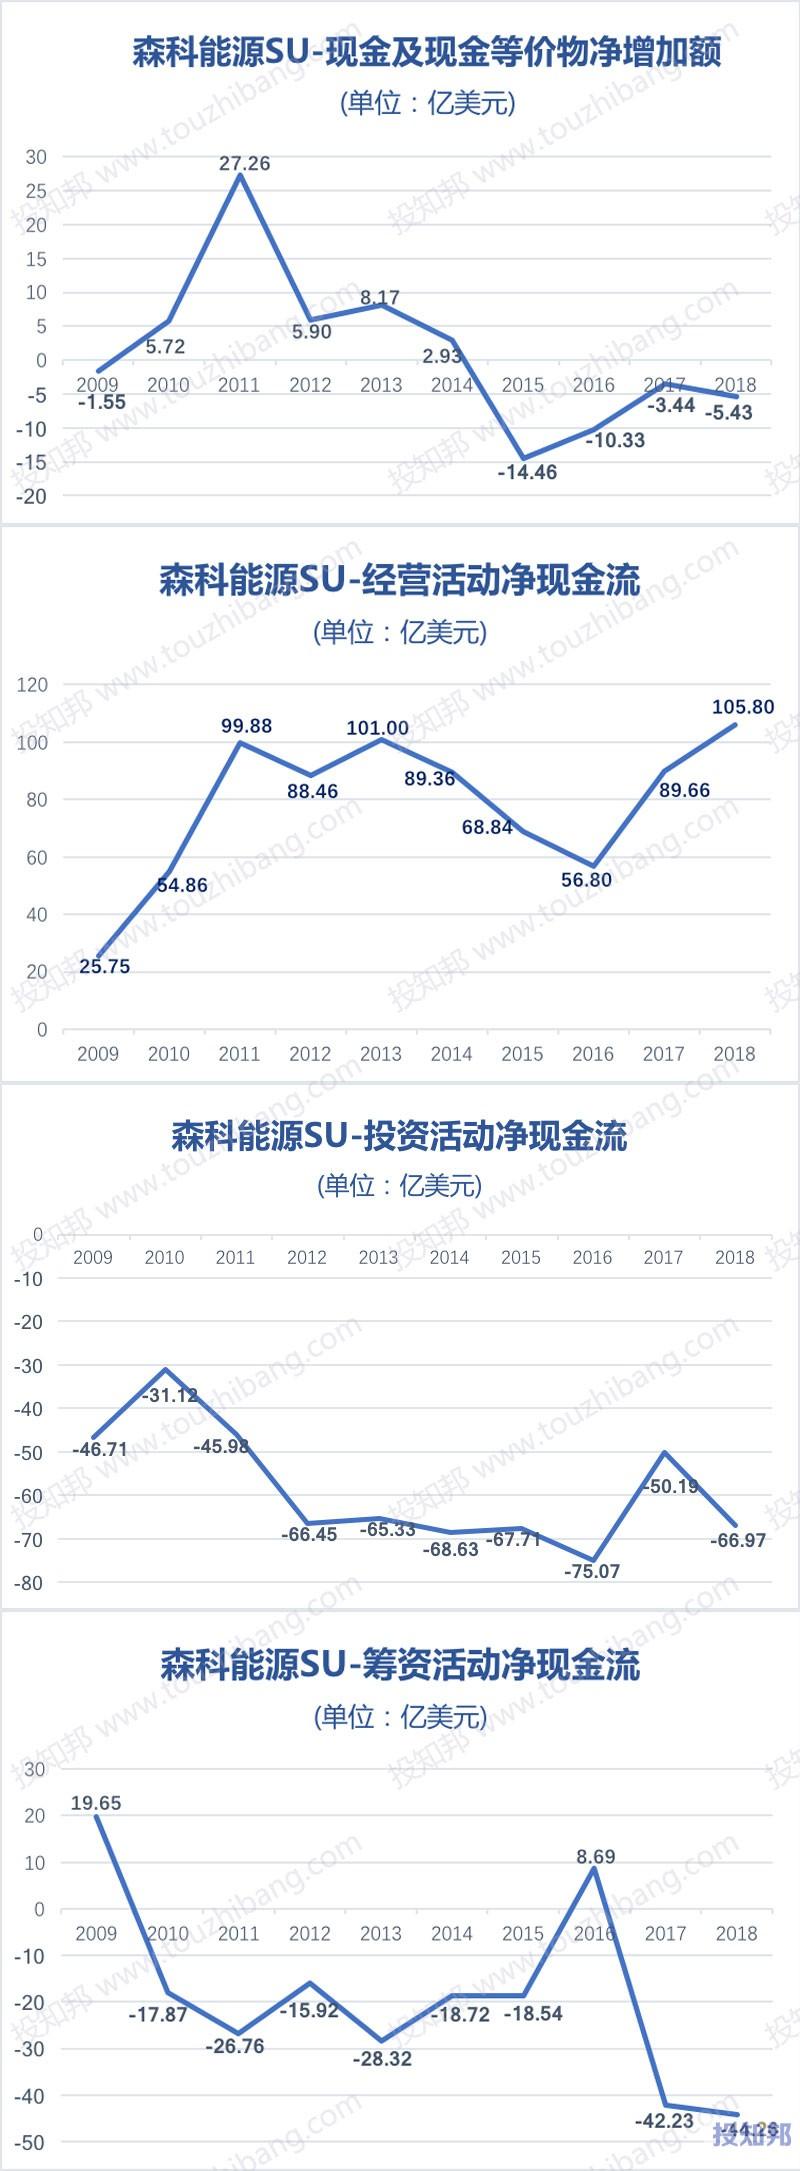 图解森科能源(SU)财报数据(2009~2018年)